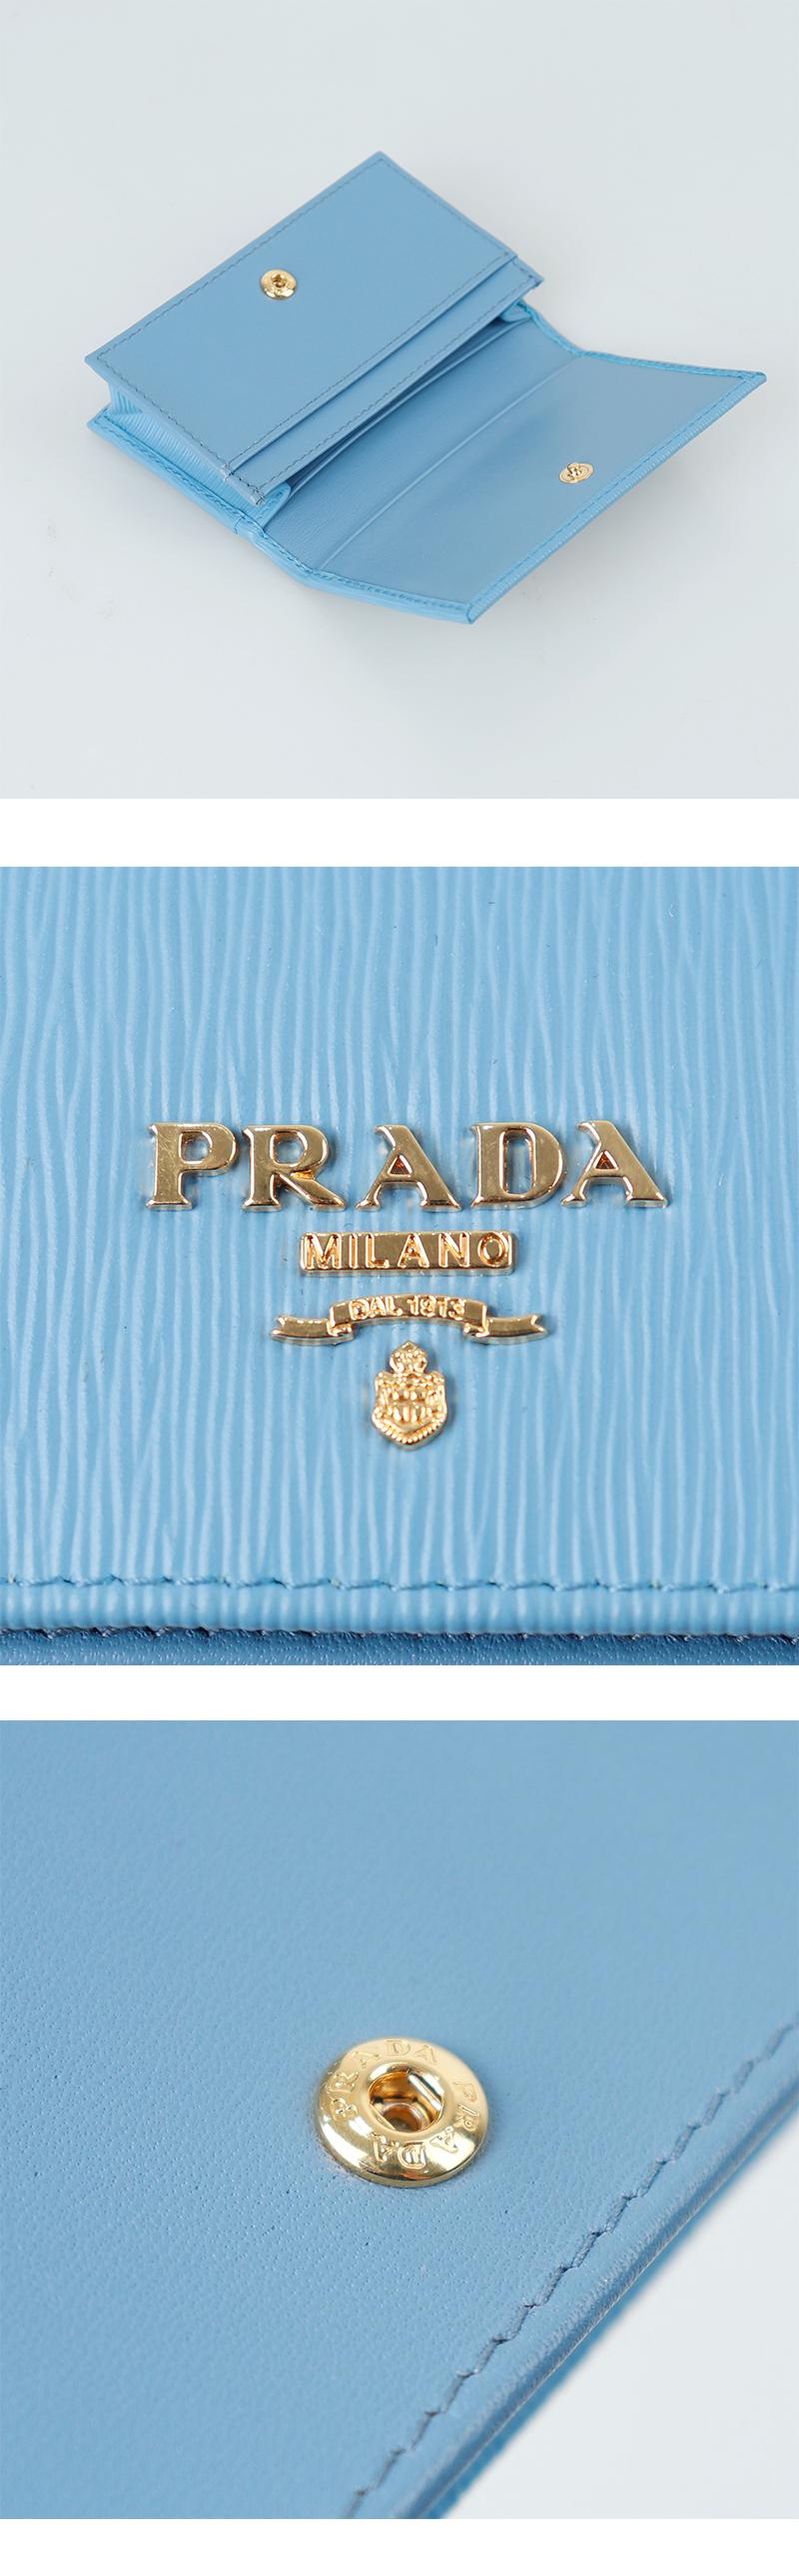 프라다(PRADA) 비텔로 무브 카드지갑 바다색 1MC122